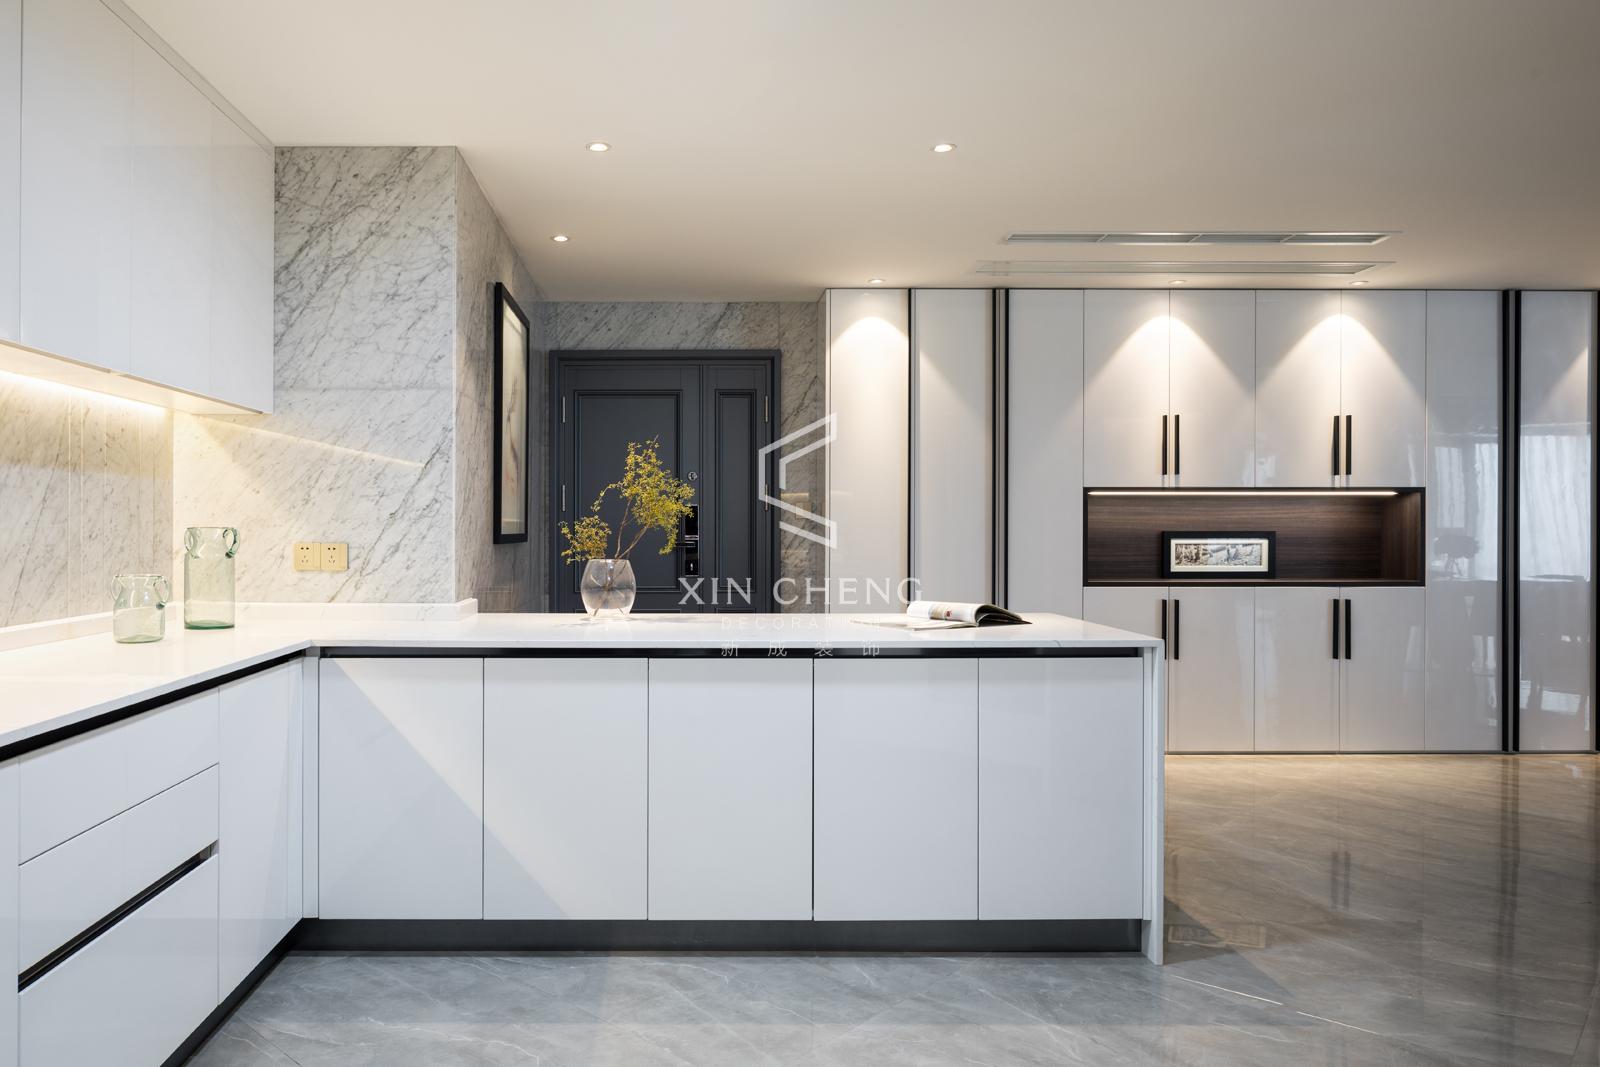 简约 现代 厨房图片来自乐山新成装饰在生活本就不完美,所以....的分享